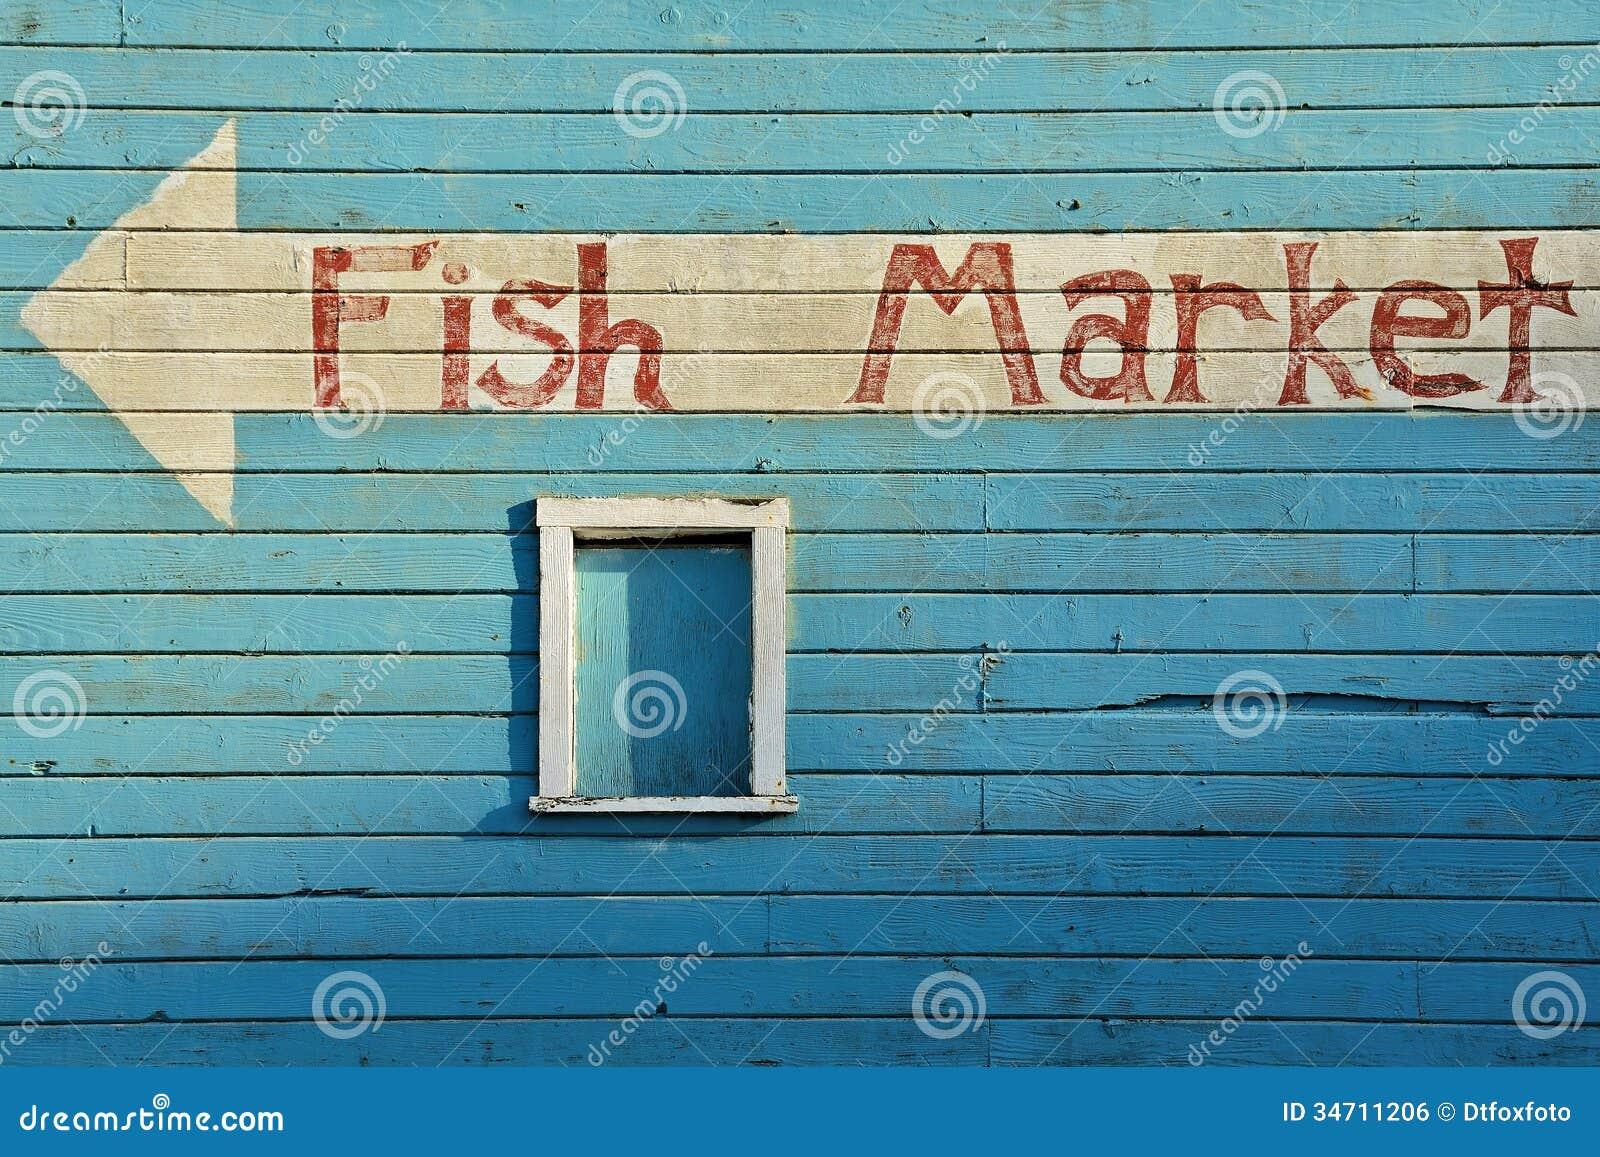 Fish market royalty free stock image image 34711206 for Nearest fresh fish market